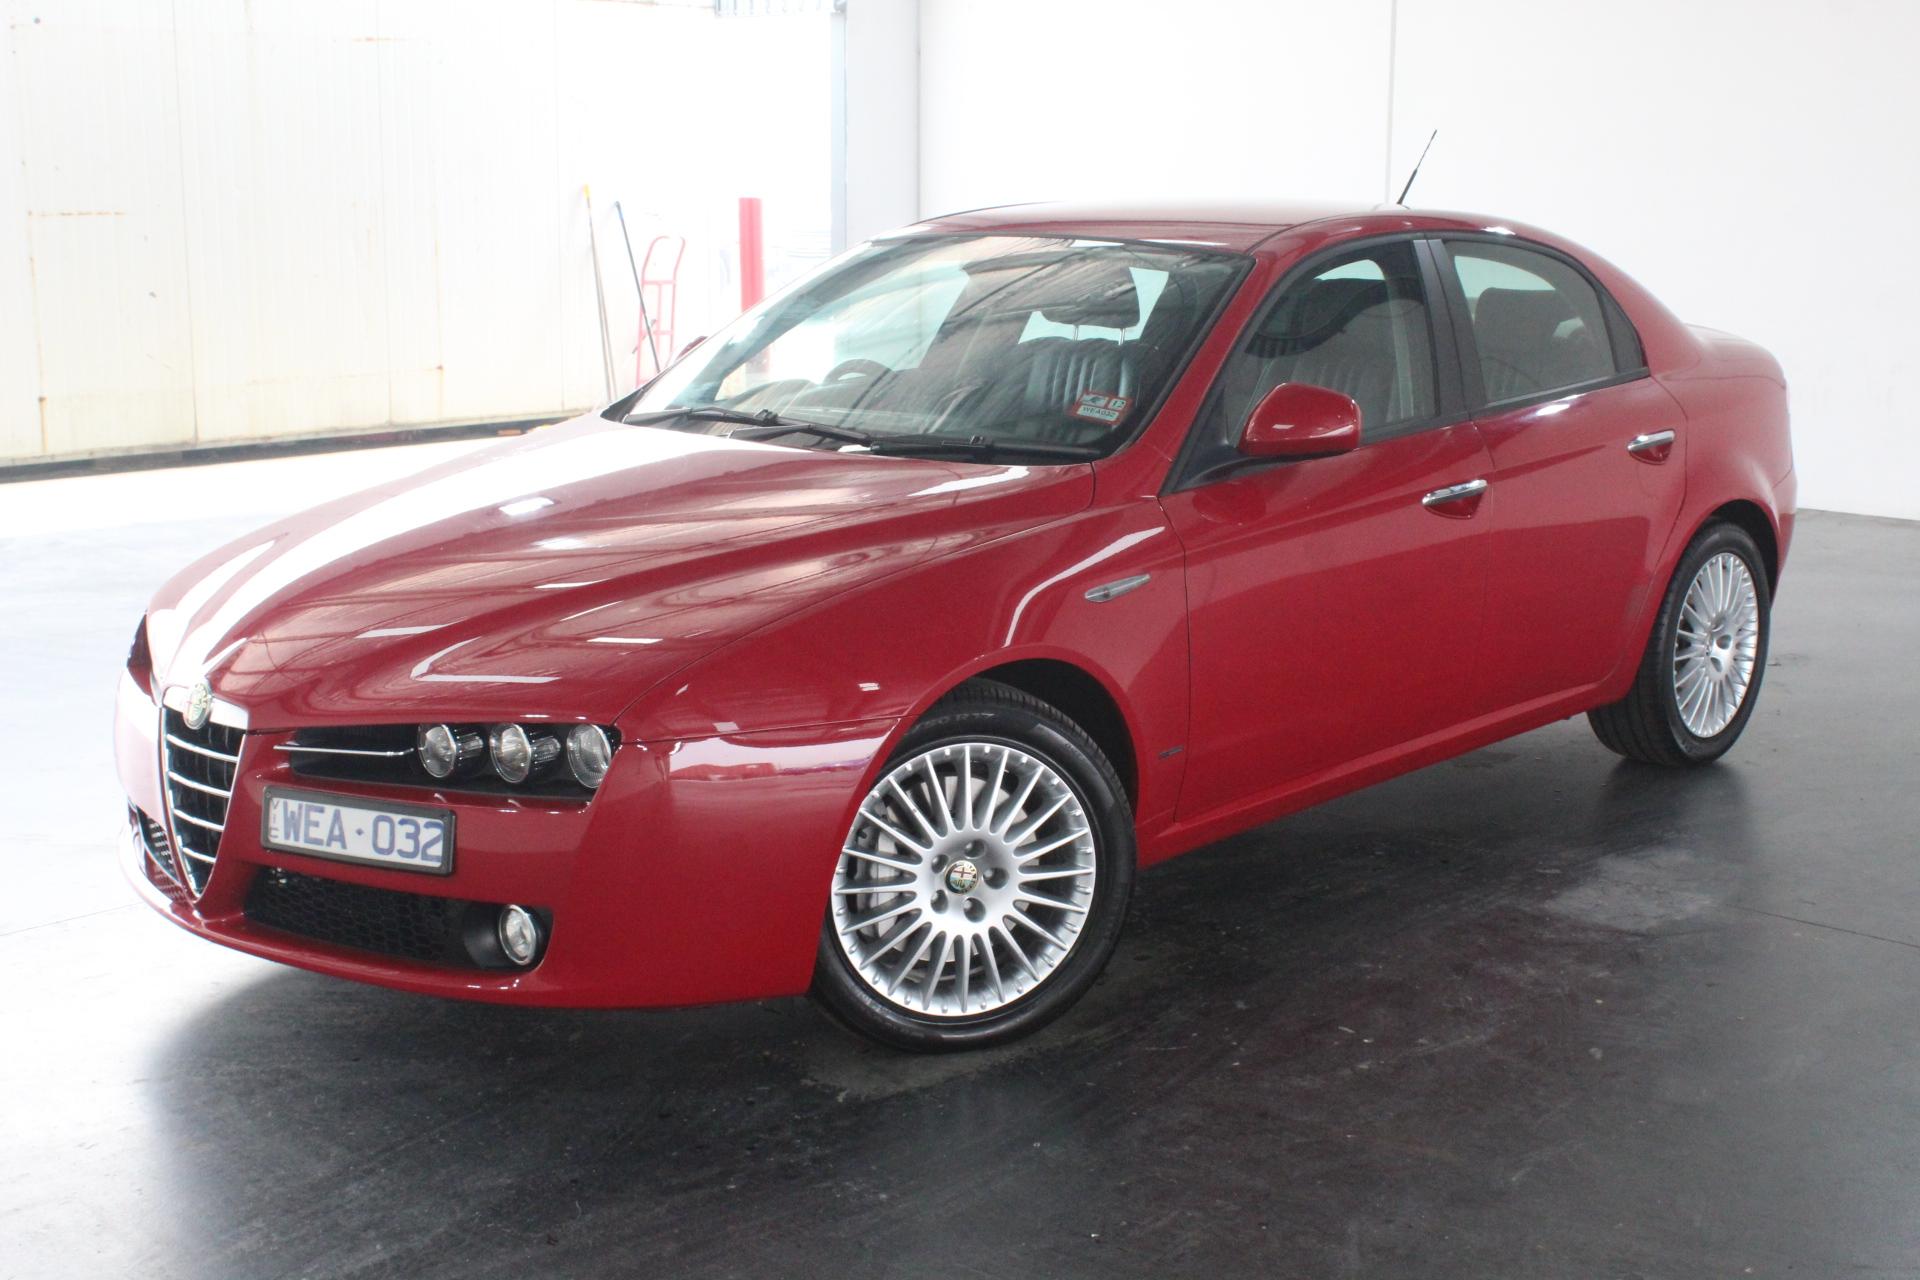 2007 Alfa Romeo 159 2.4 JTD 140 Turbo Diesel Automatic Sedan